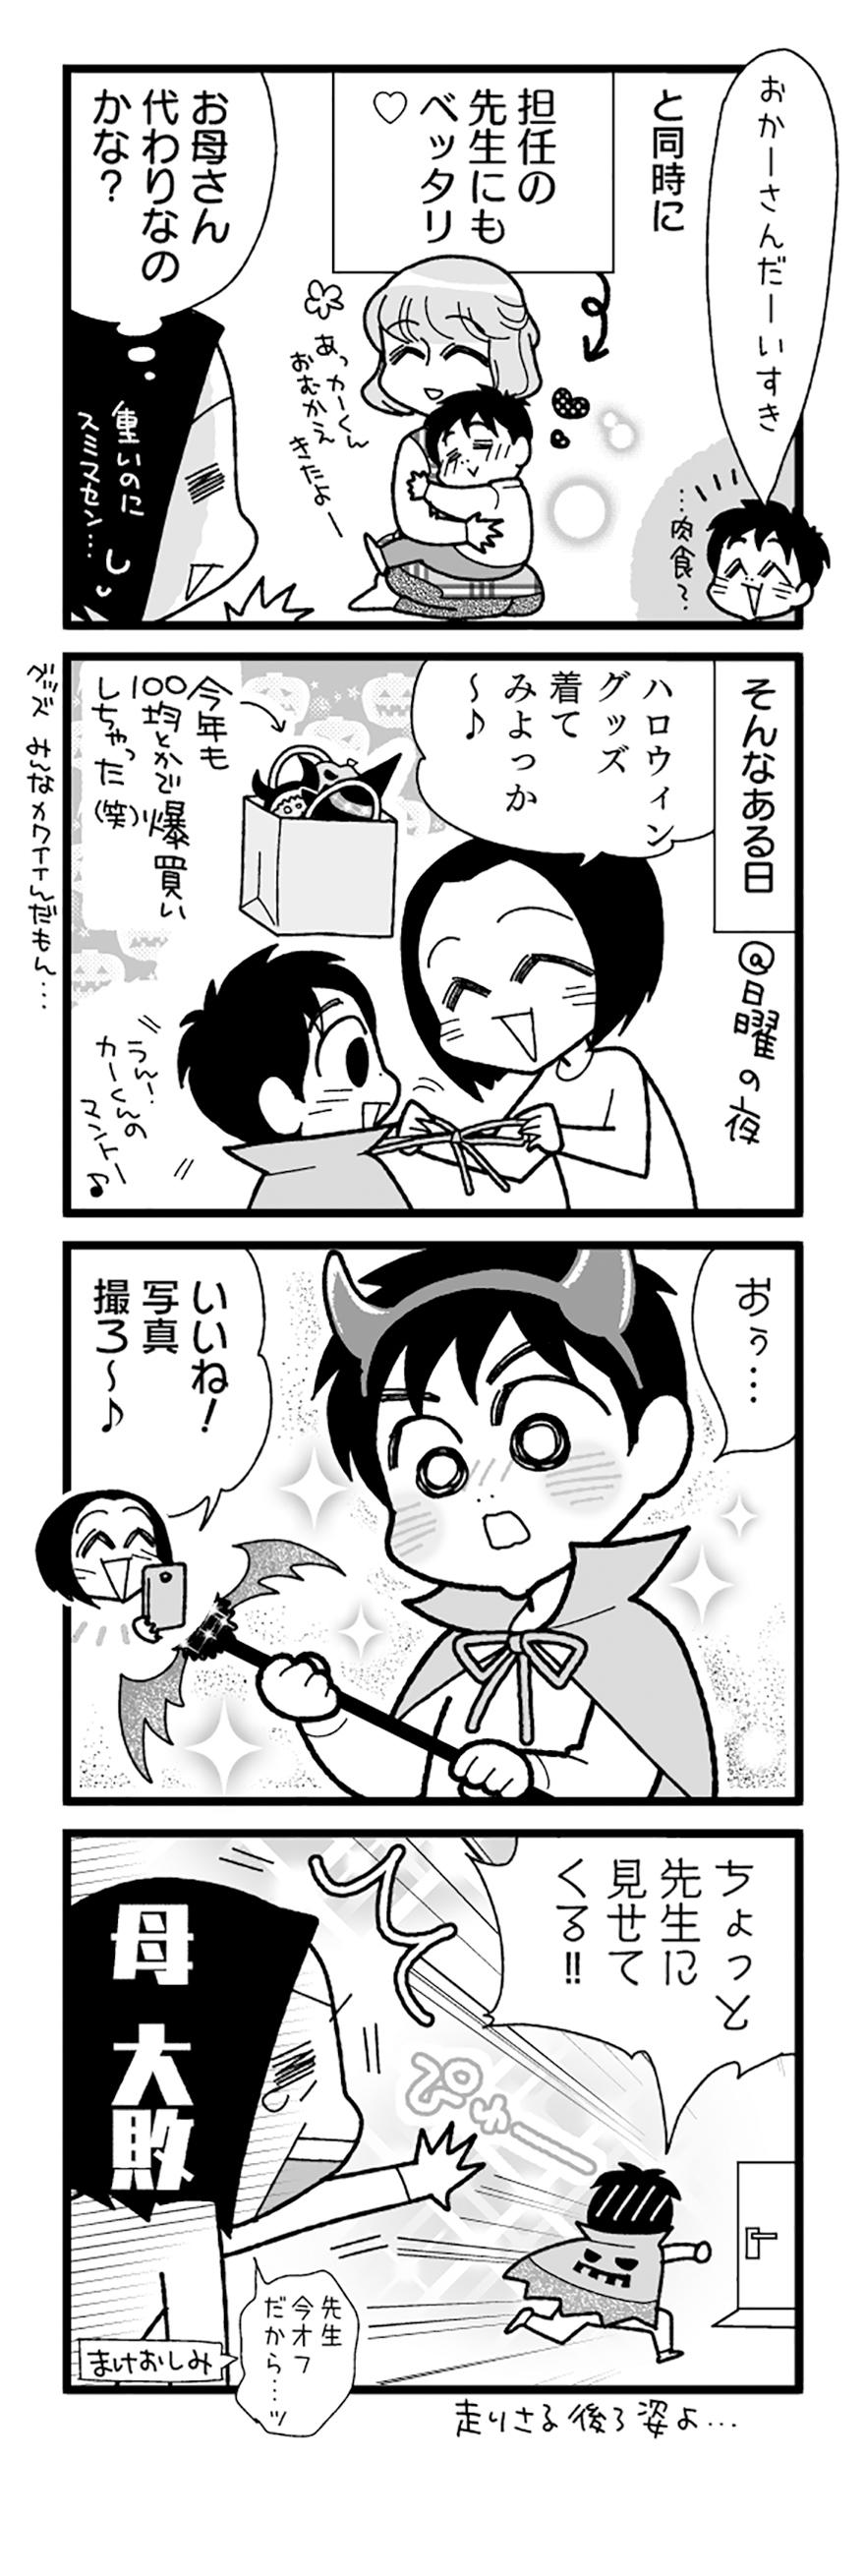 漫画『怒涛のにゅーじヨージ』 Vol.178「ハロウィンの着てみた」 1コマ目